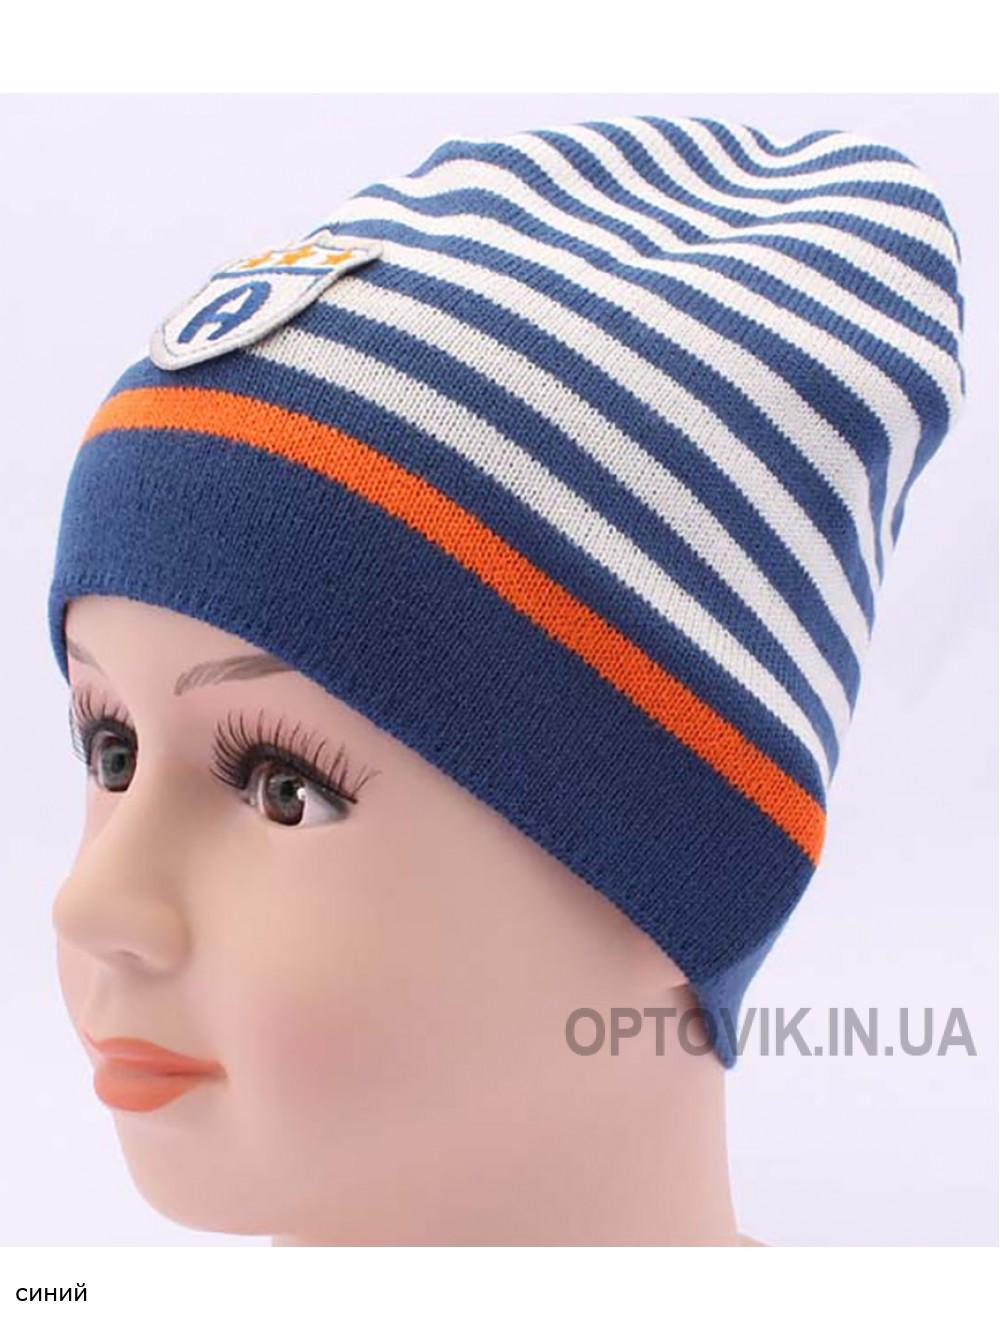 Детская вязаная шапка Алекс DV117-46-50